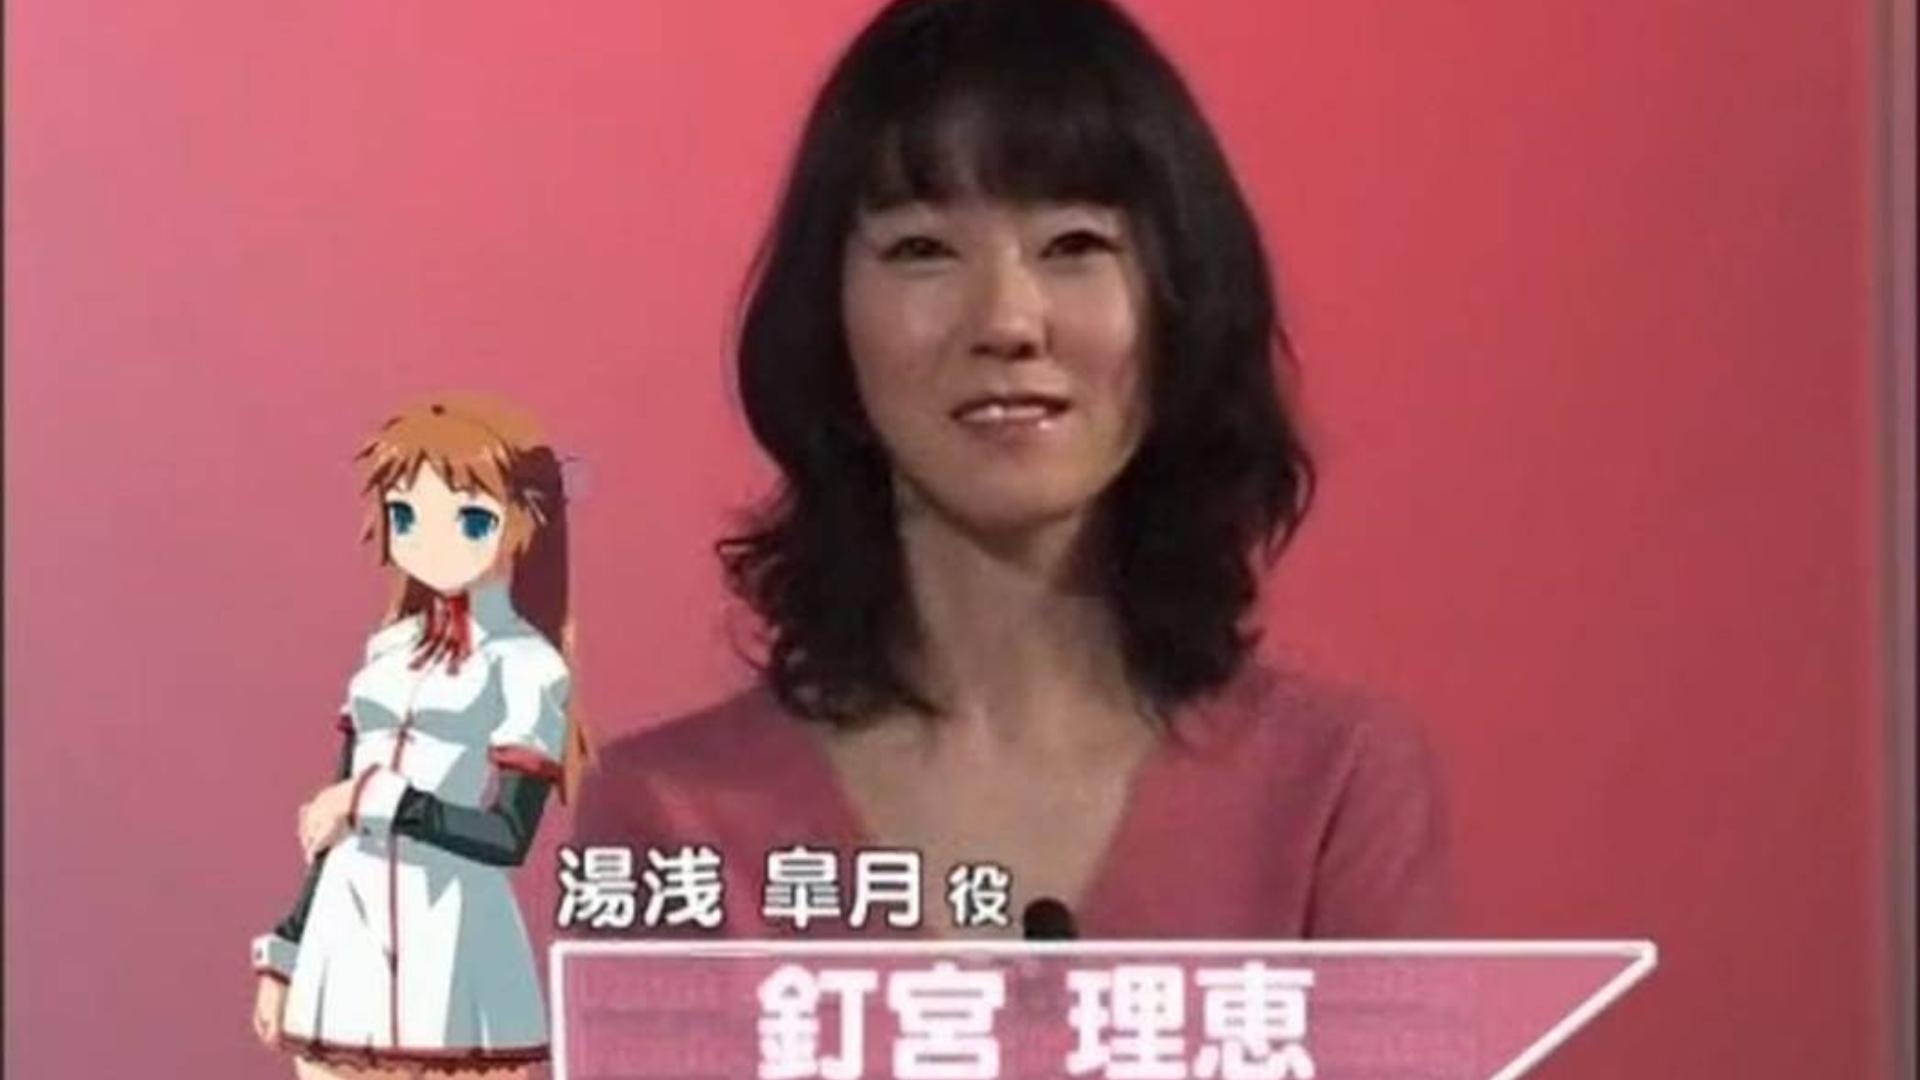 钉宫理惠&おみむらまゆこ【Routes PE】两大女主角对谈